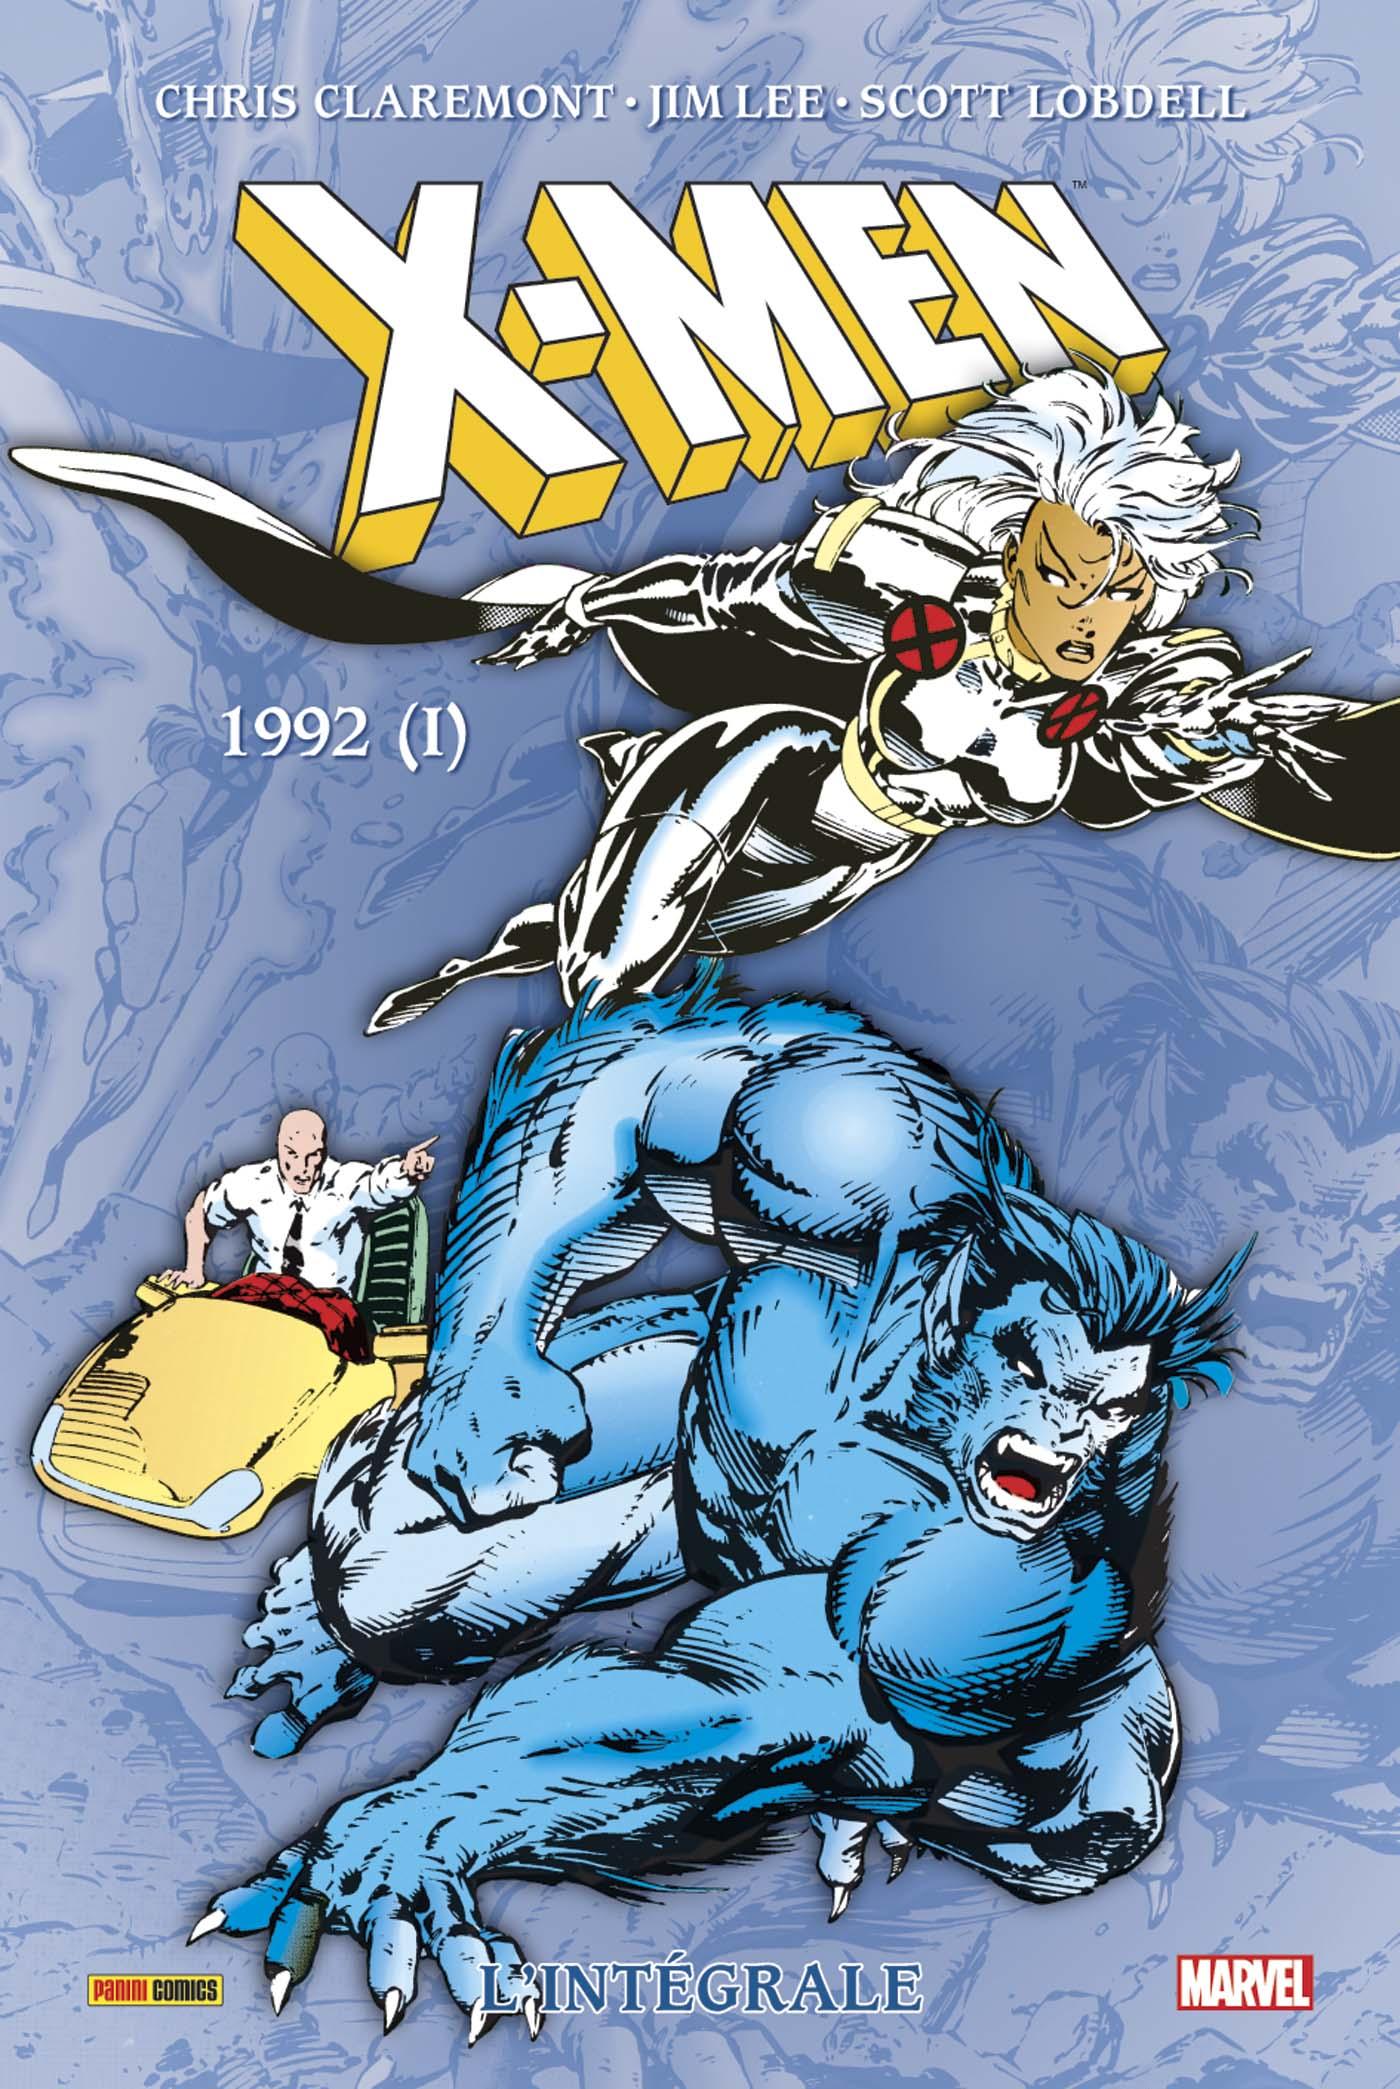 X-Men 1992.1 - 1992 (I)